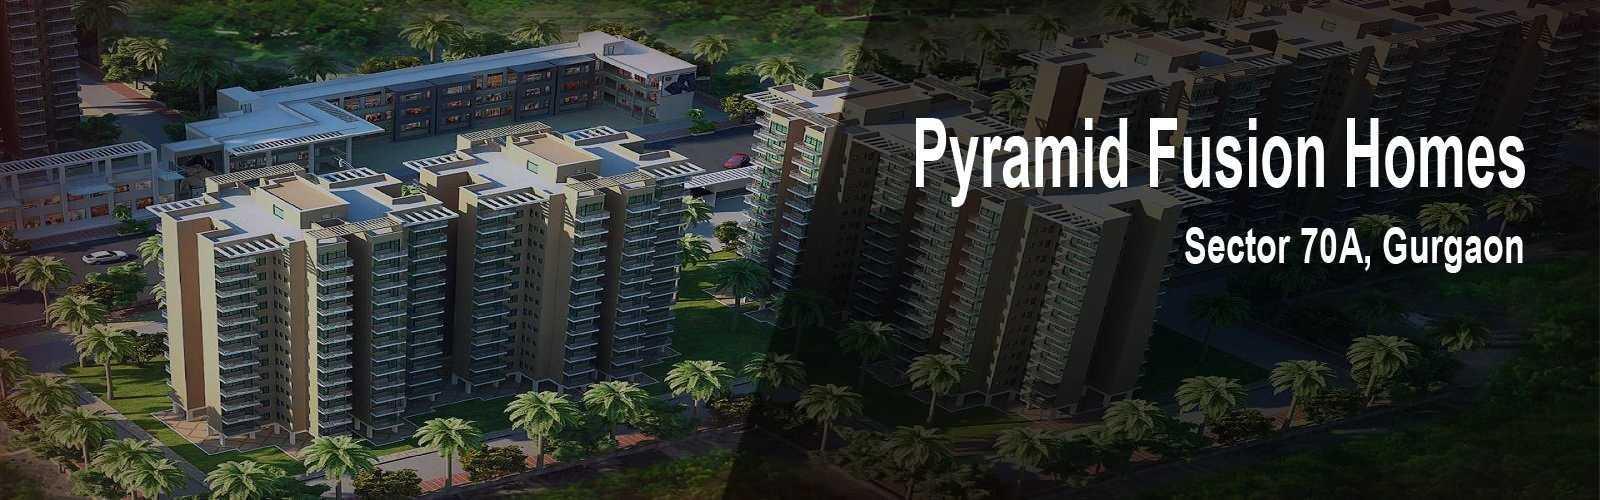 Pyramid Fusion Homes